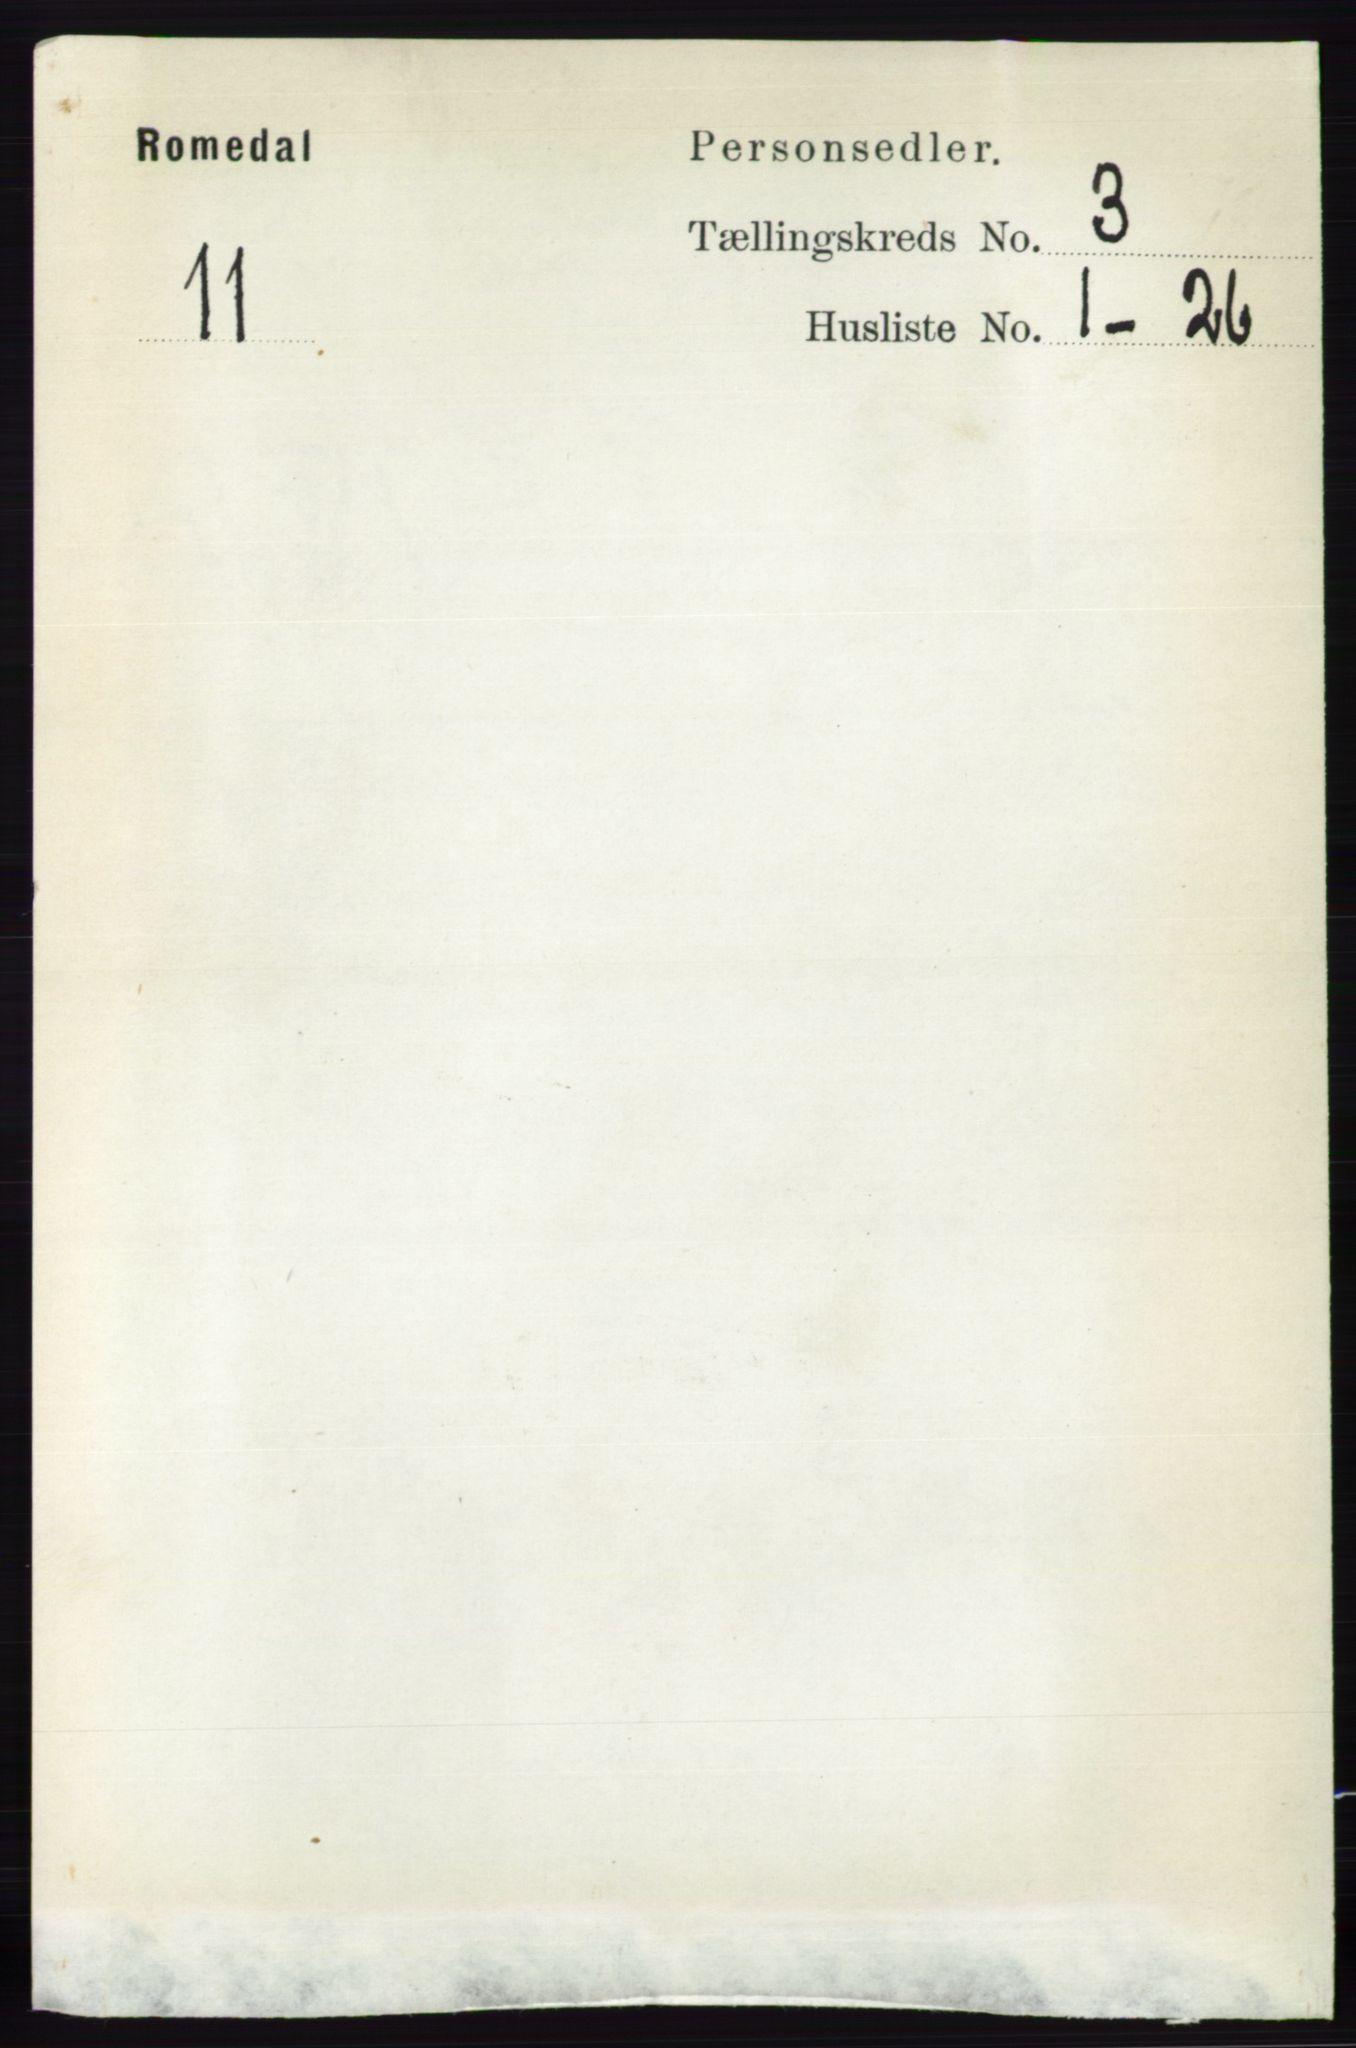 RA, Folketelling 1891 for 0416 Romedal herred, 1891, s. 1418